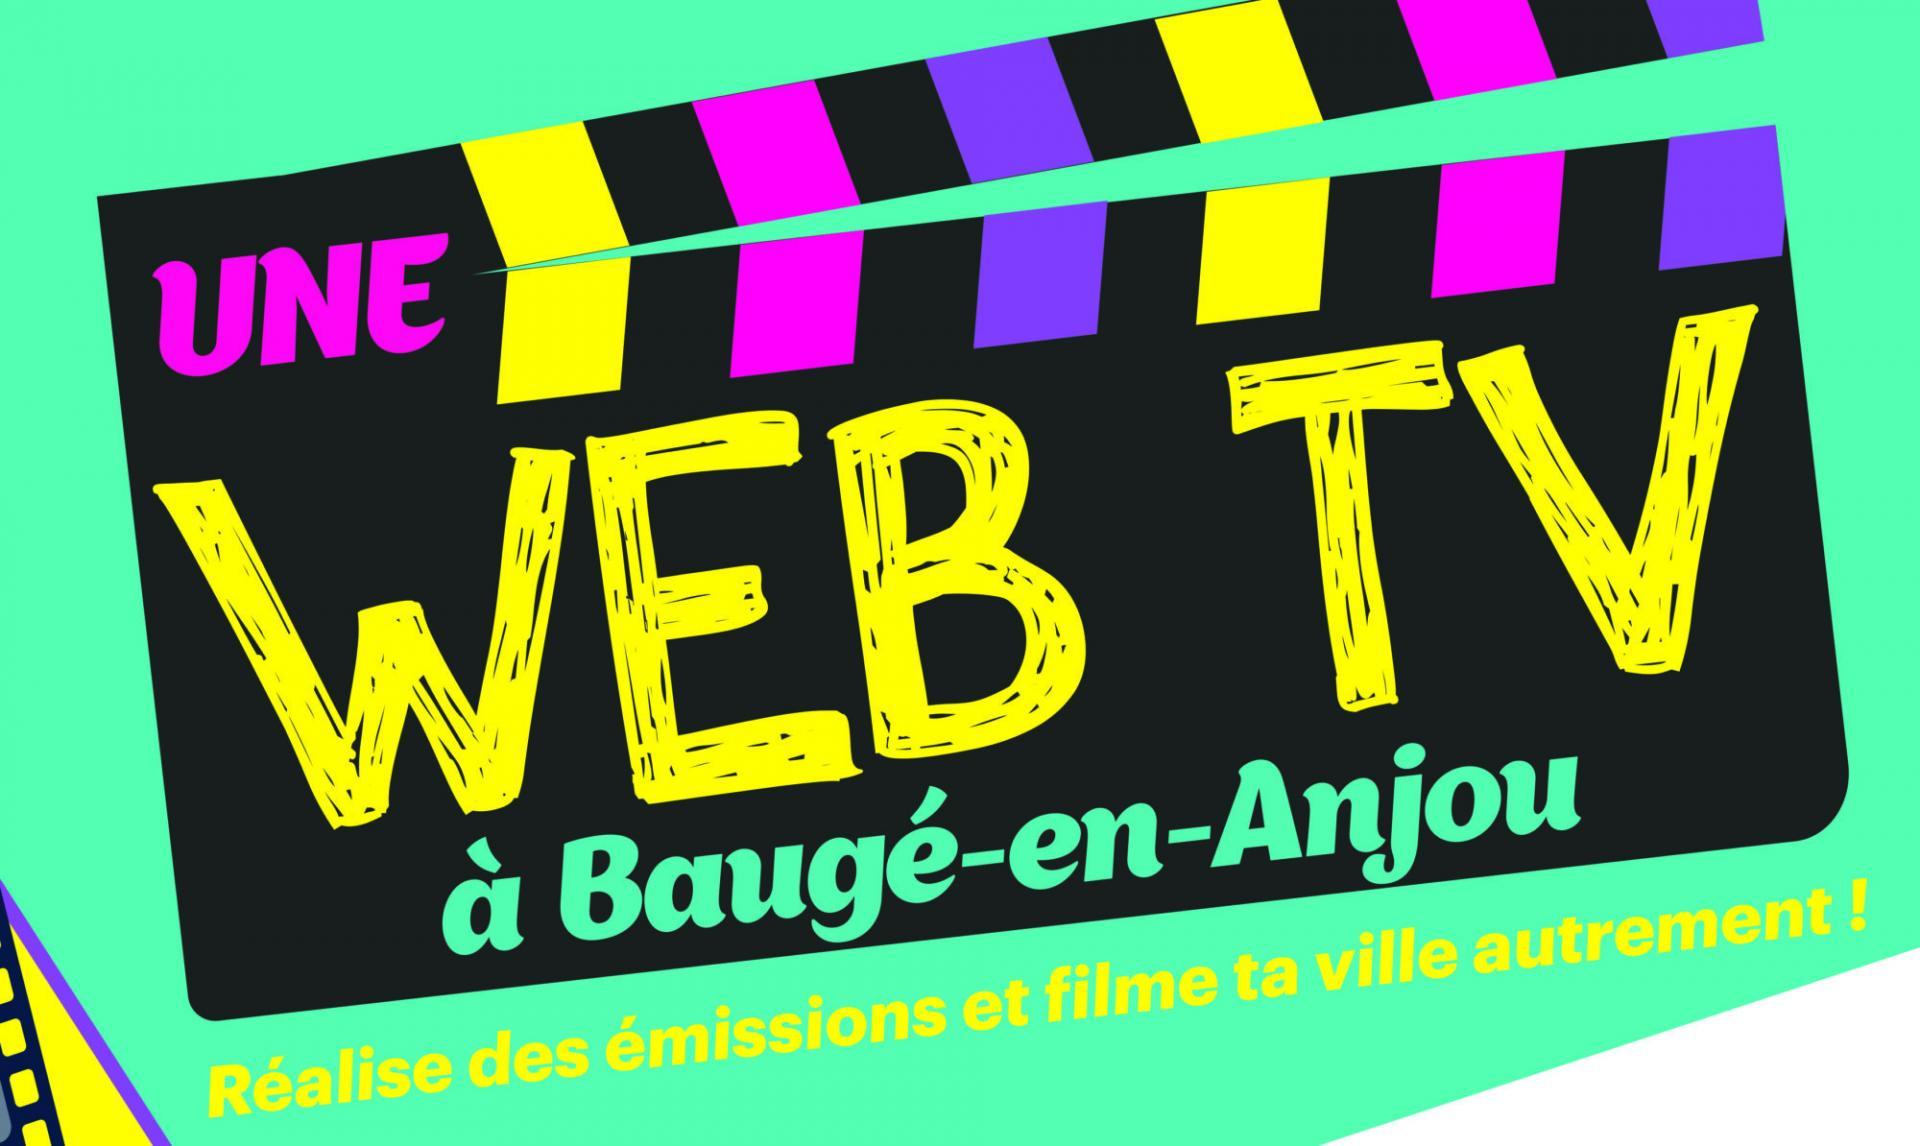 L'ACTU : BAUGE-EN-ANJOU : LANCEMENT D'UNE WEB TV POUR ET PAR LES JEUNES !